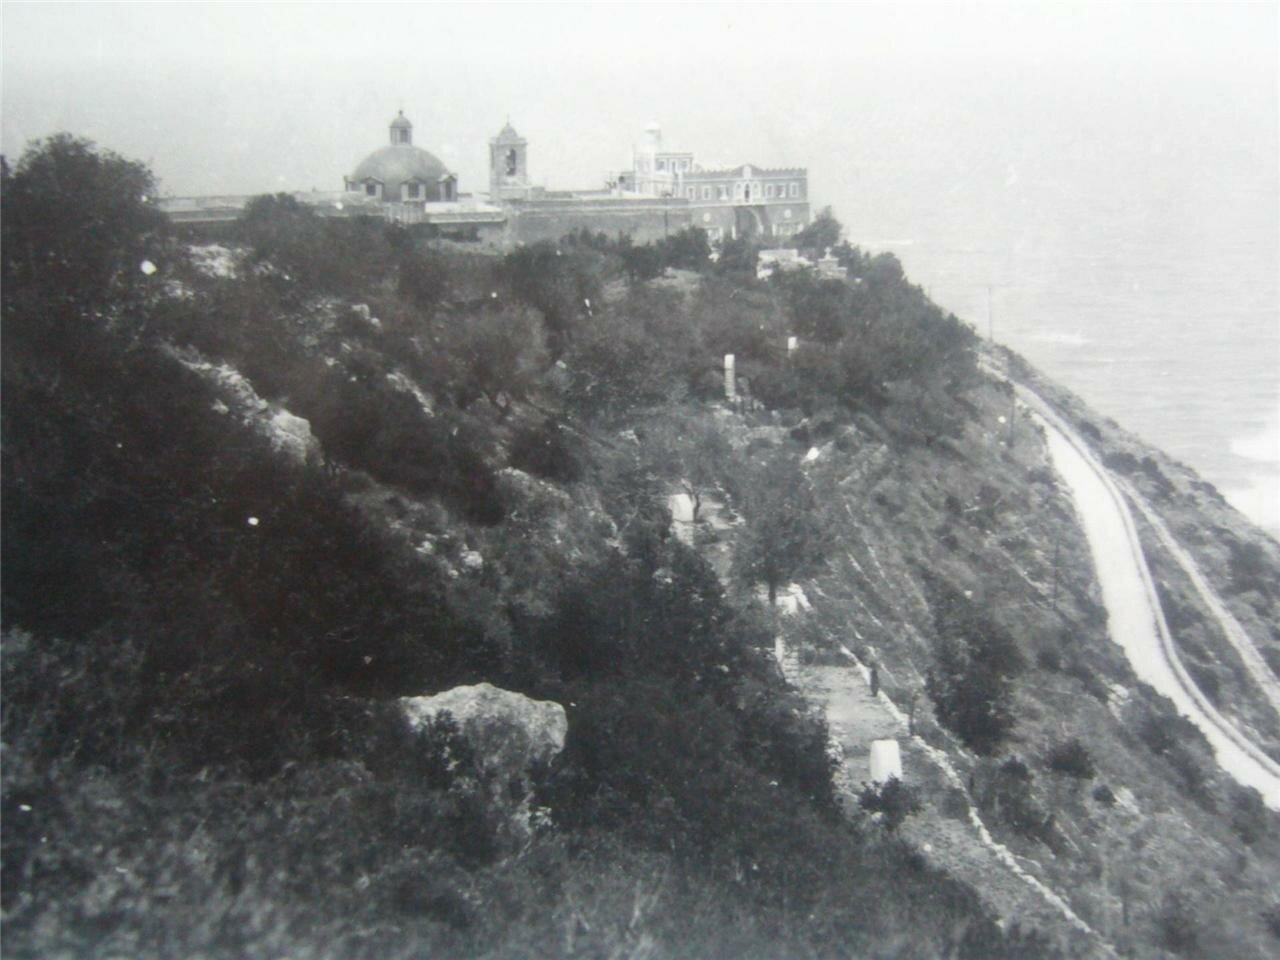 Стелла Марис, церковь и монастырь Кармелитов